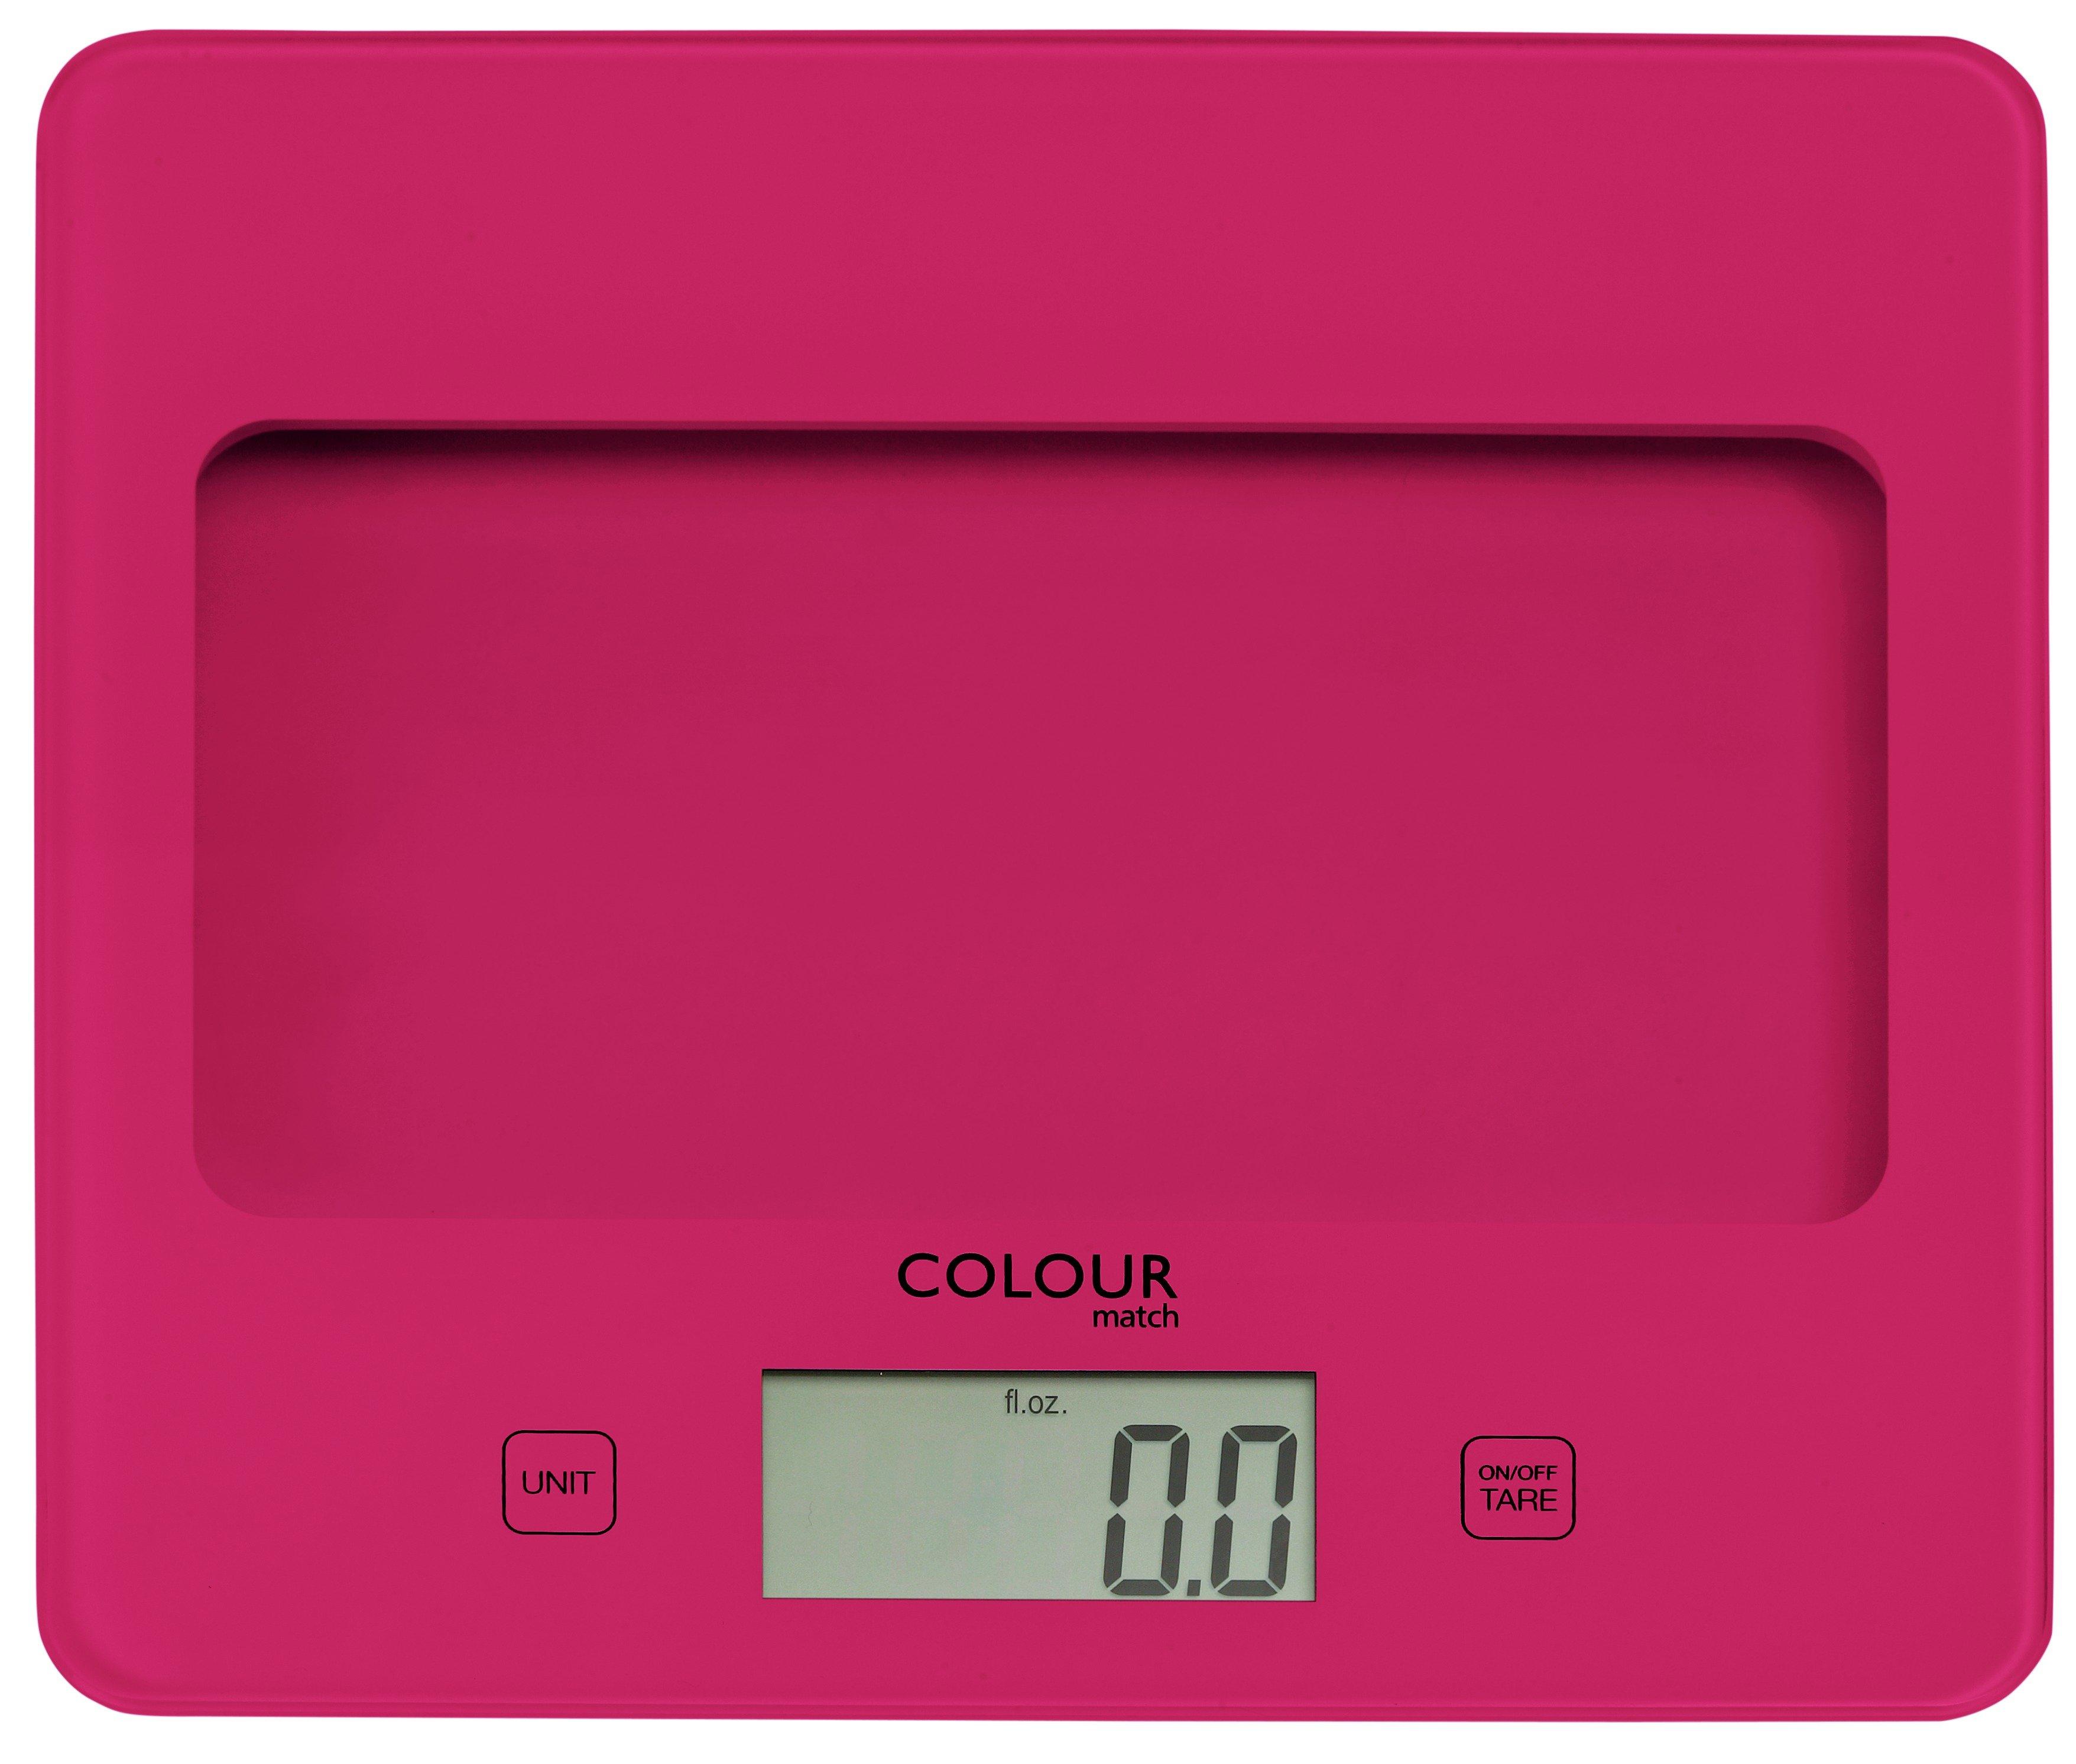 ColourMatch Square Digital Kitchen Scale - Funky Fuchsia.